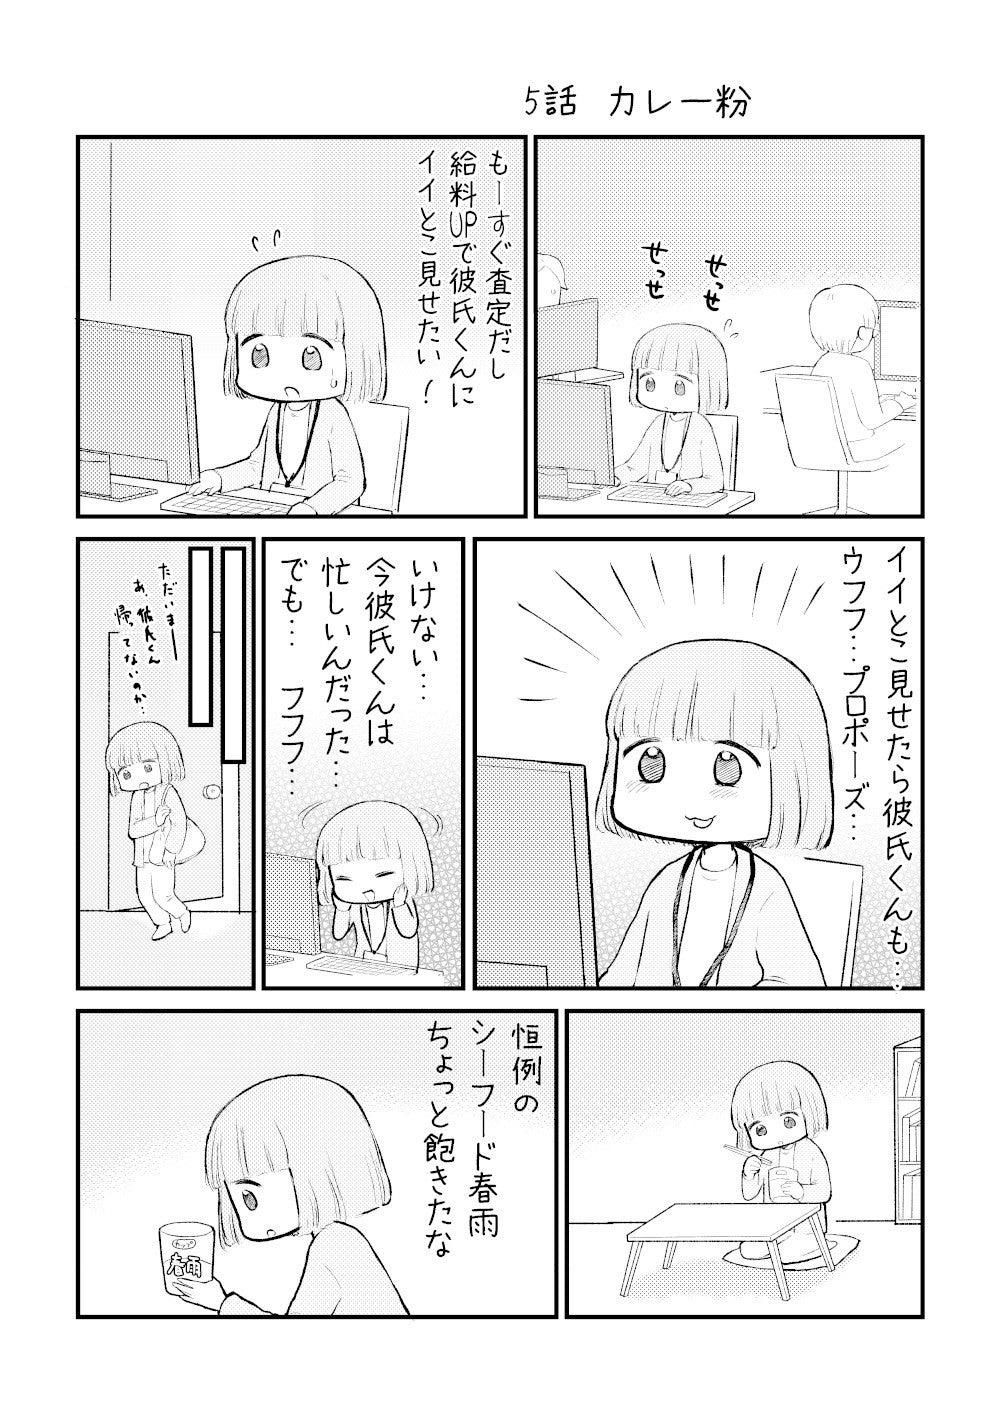 カレー粉グッナイ_001